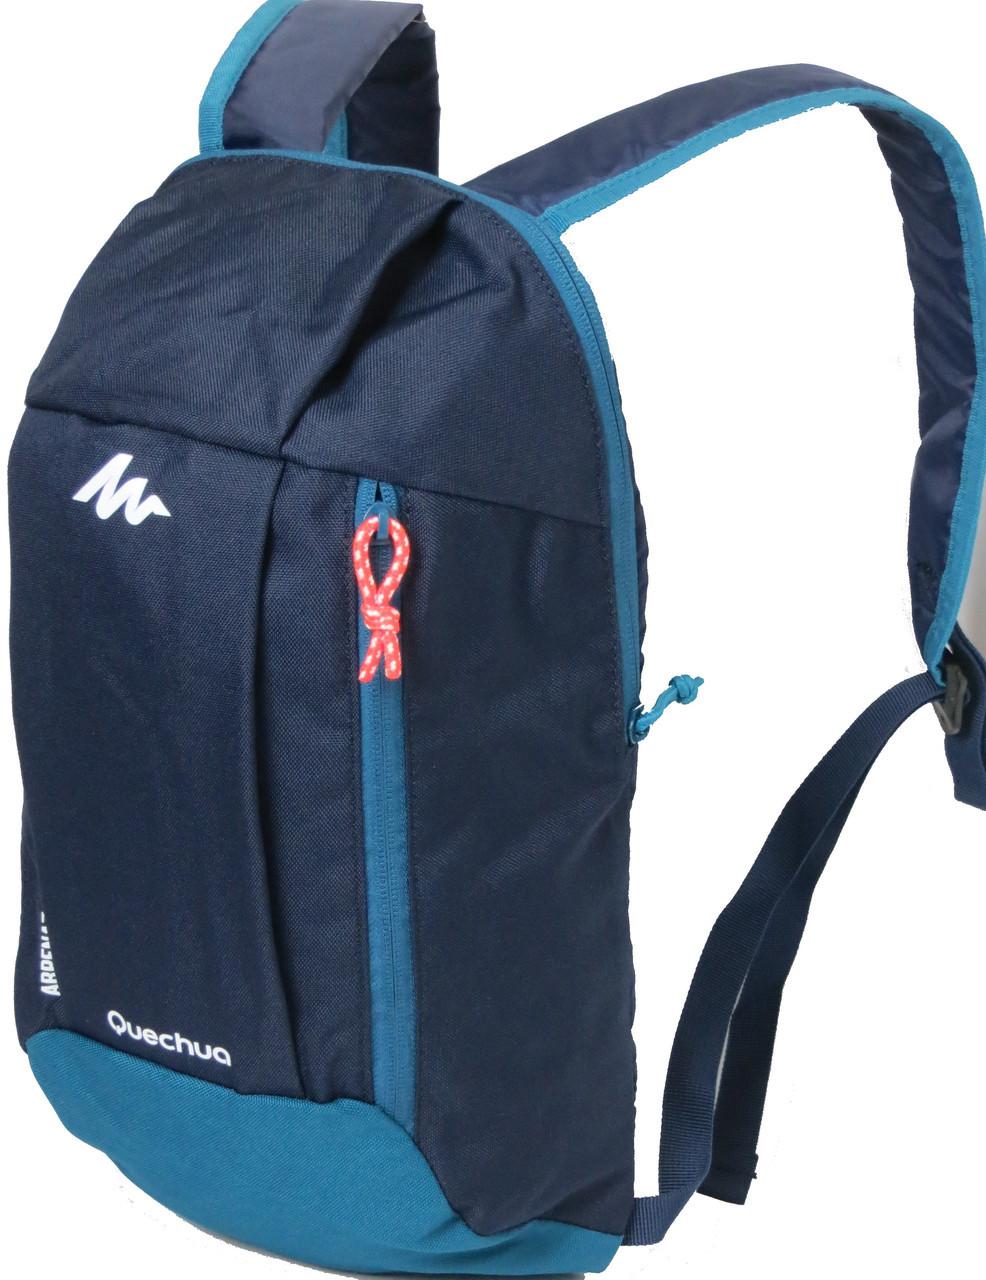 Рюкзак городской Quechua ARPENAZ синий 630328 10 л